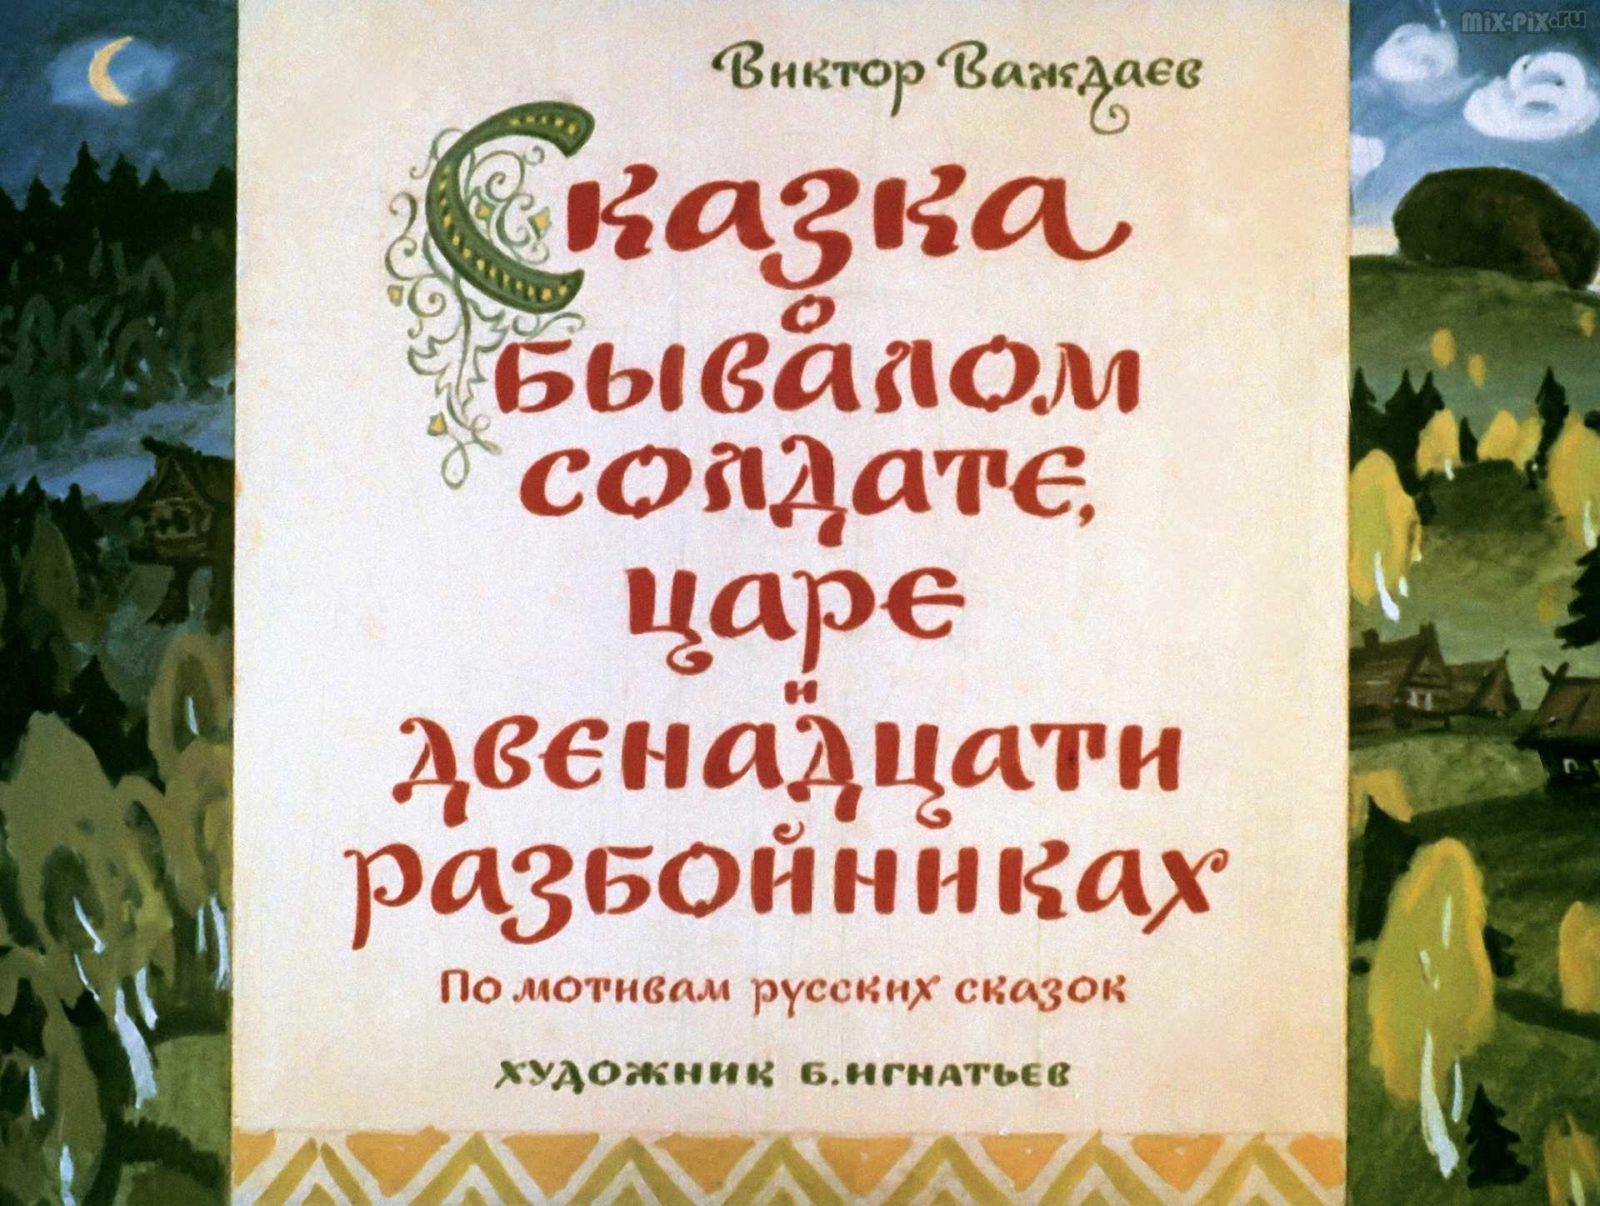 Сказка о бывалом солдате, царе и двенадцати разбойниках (1969) 23